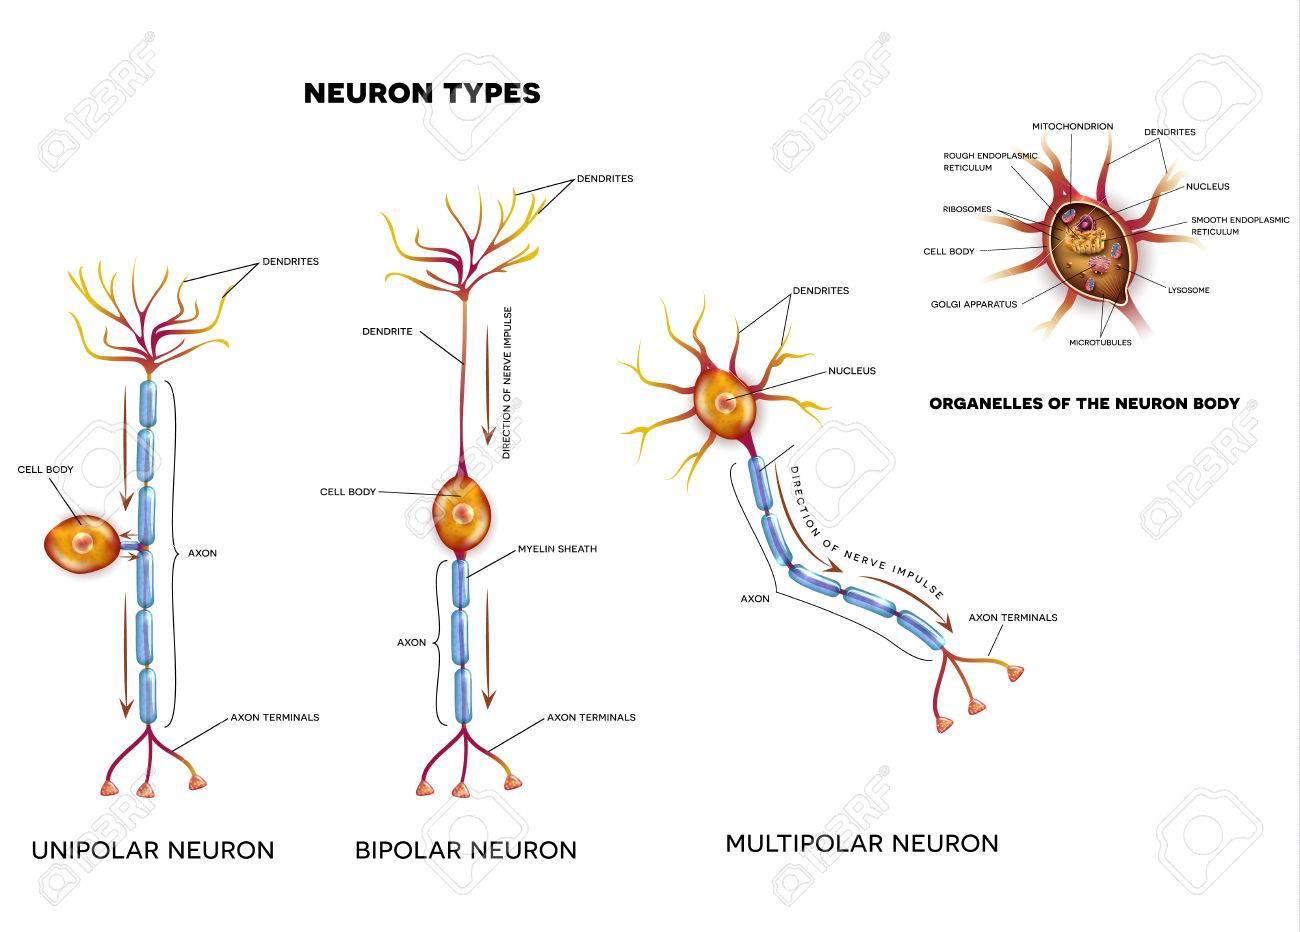 Nervenzelle Arten Und Organellen Des Zellkörpers Close-up ...